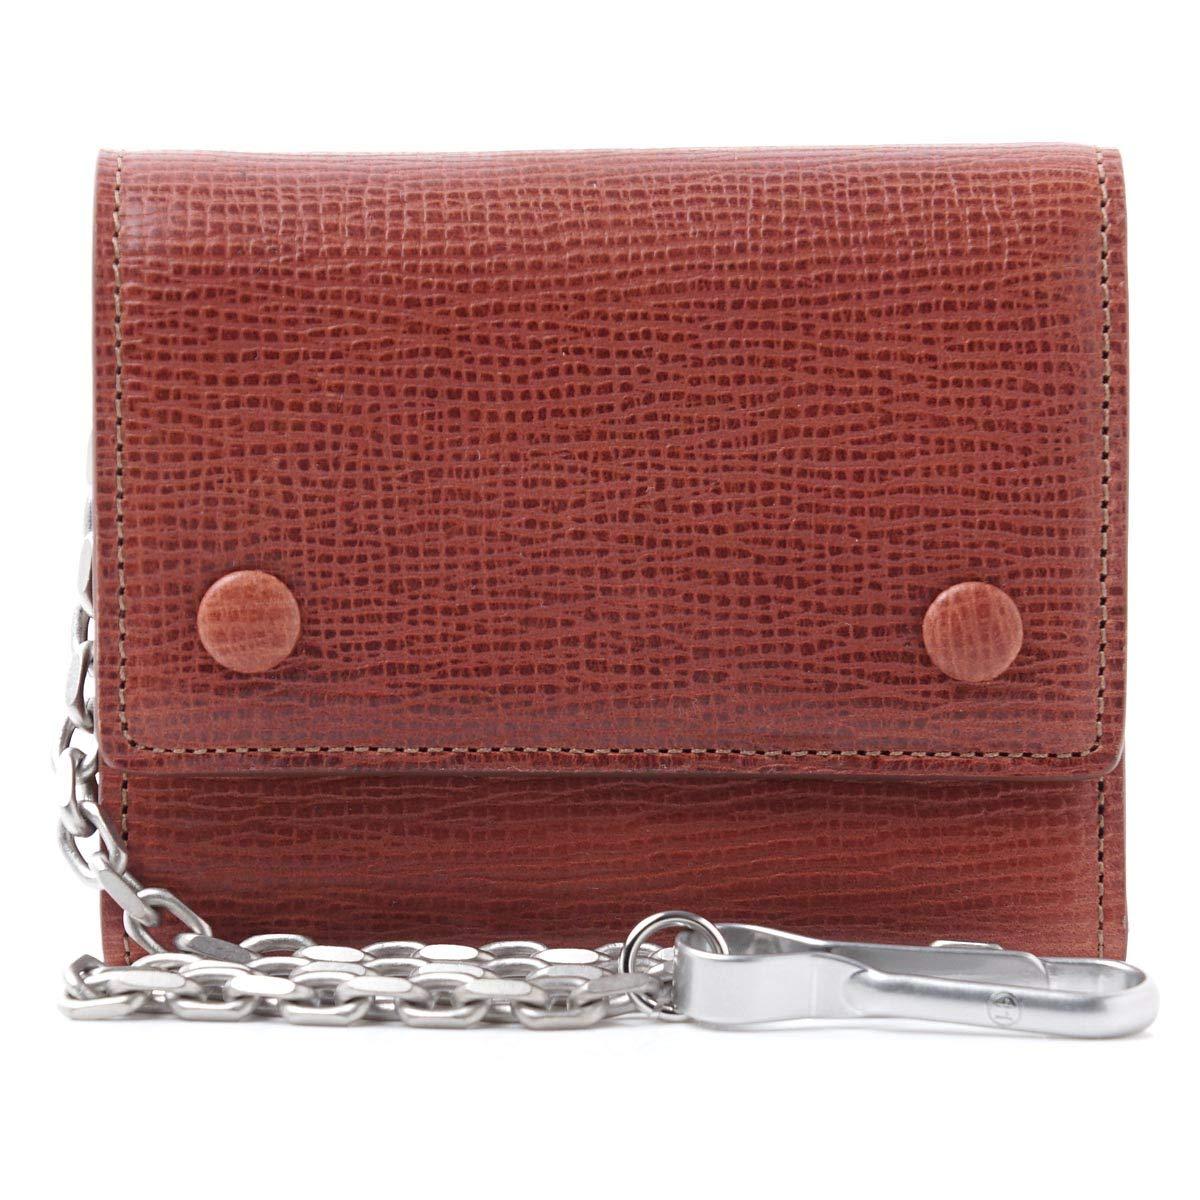 (メゾンマルジェラ) Maison Margiela 3つ折り 財布 小銭入れ付き 11 女性と男性のためのアクセサリーコレクション [並行輸入品] B07PB7PJGP